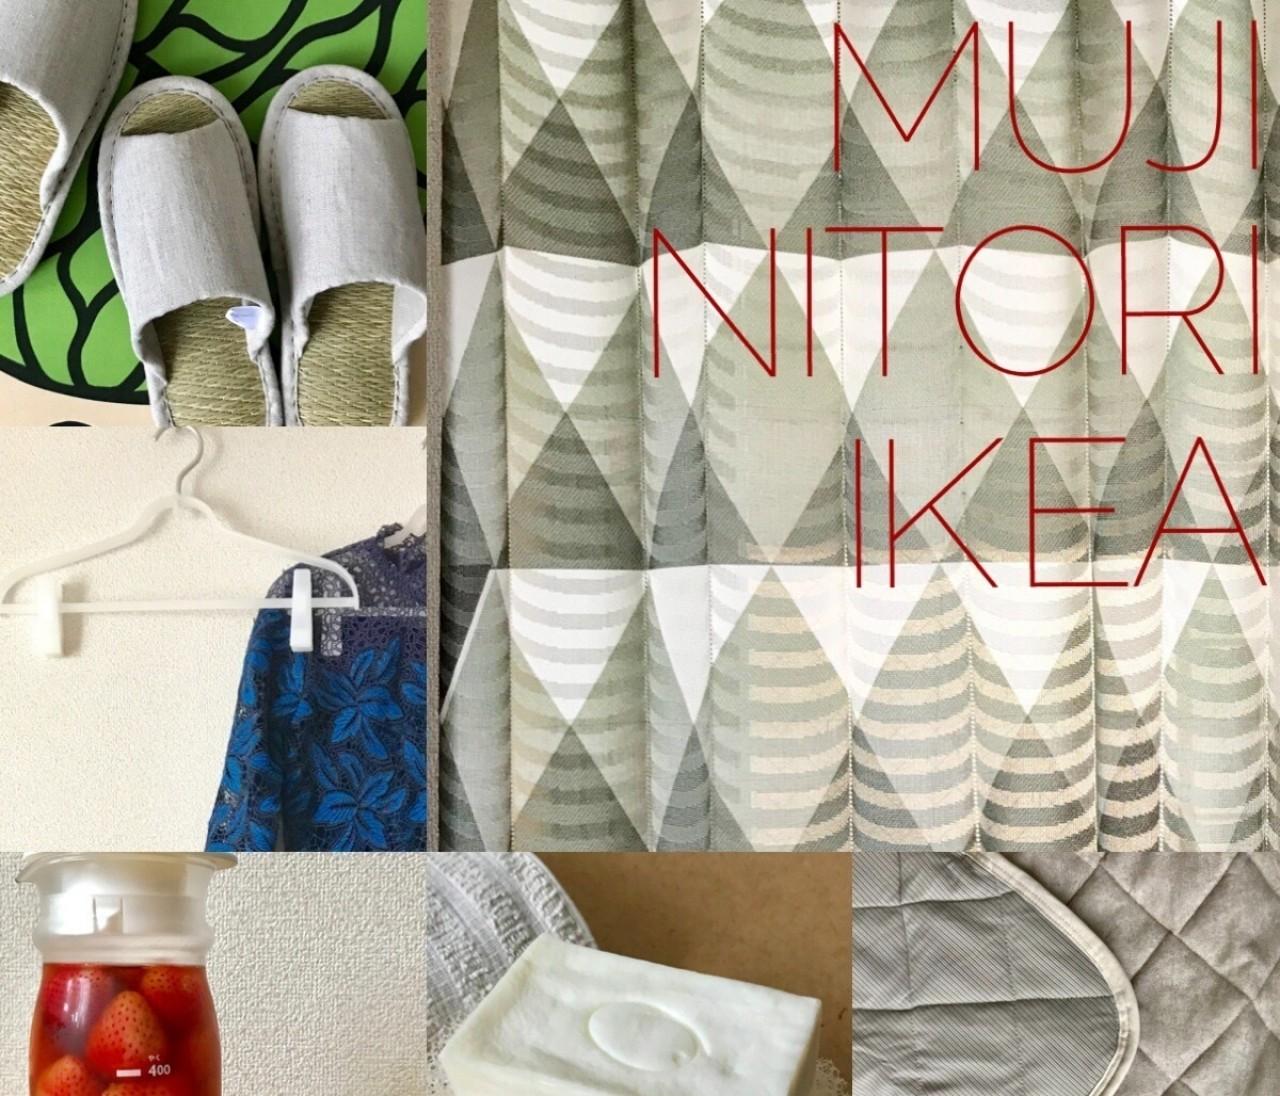 他人におすすめしまくり!【無印良品・ニトリ・IKEA】リピ買い雑貨12選